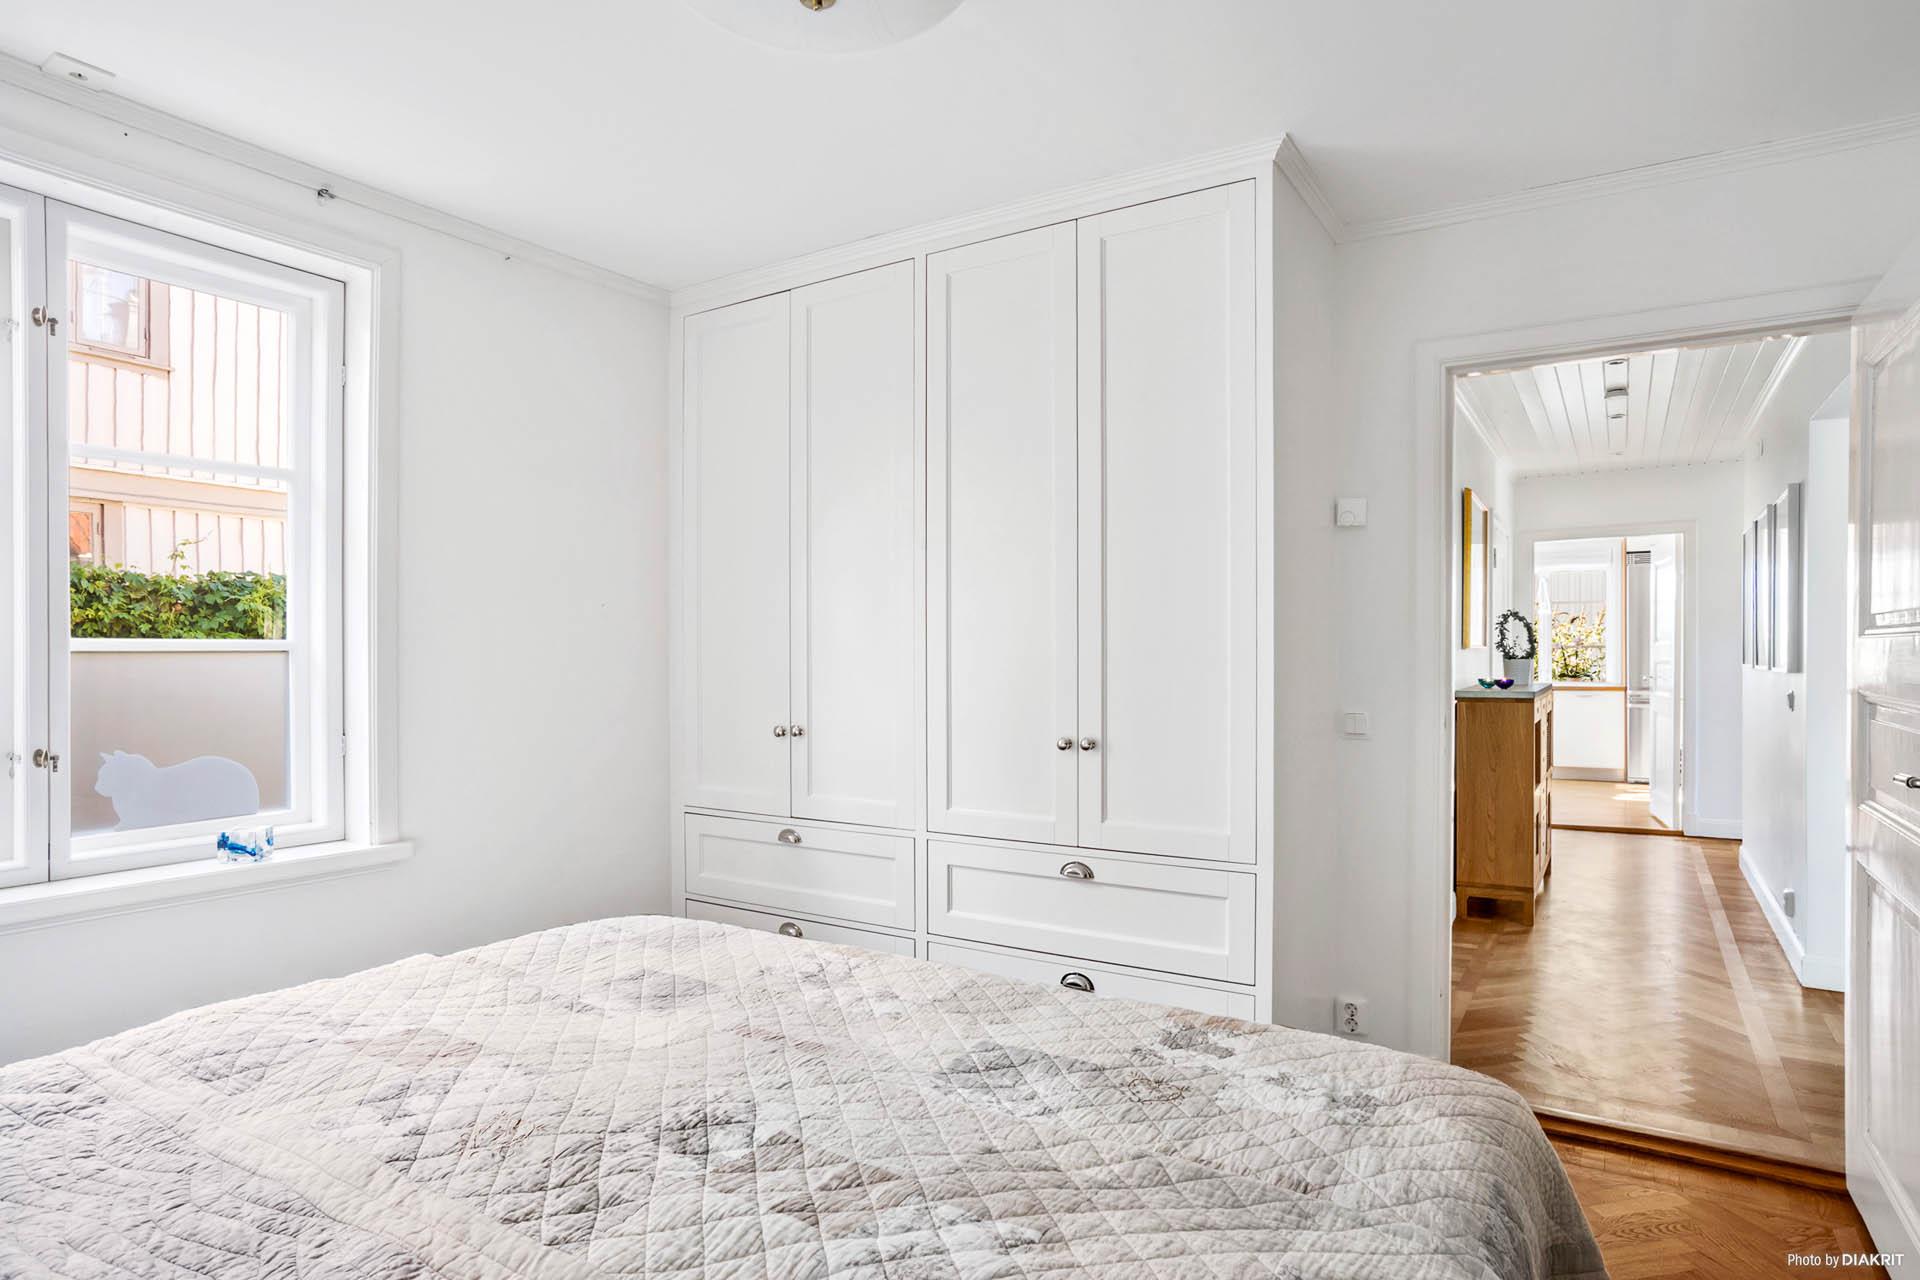 SOVRUM 1 - Ljust sovrum med platsbyggda dubbelgarderober